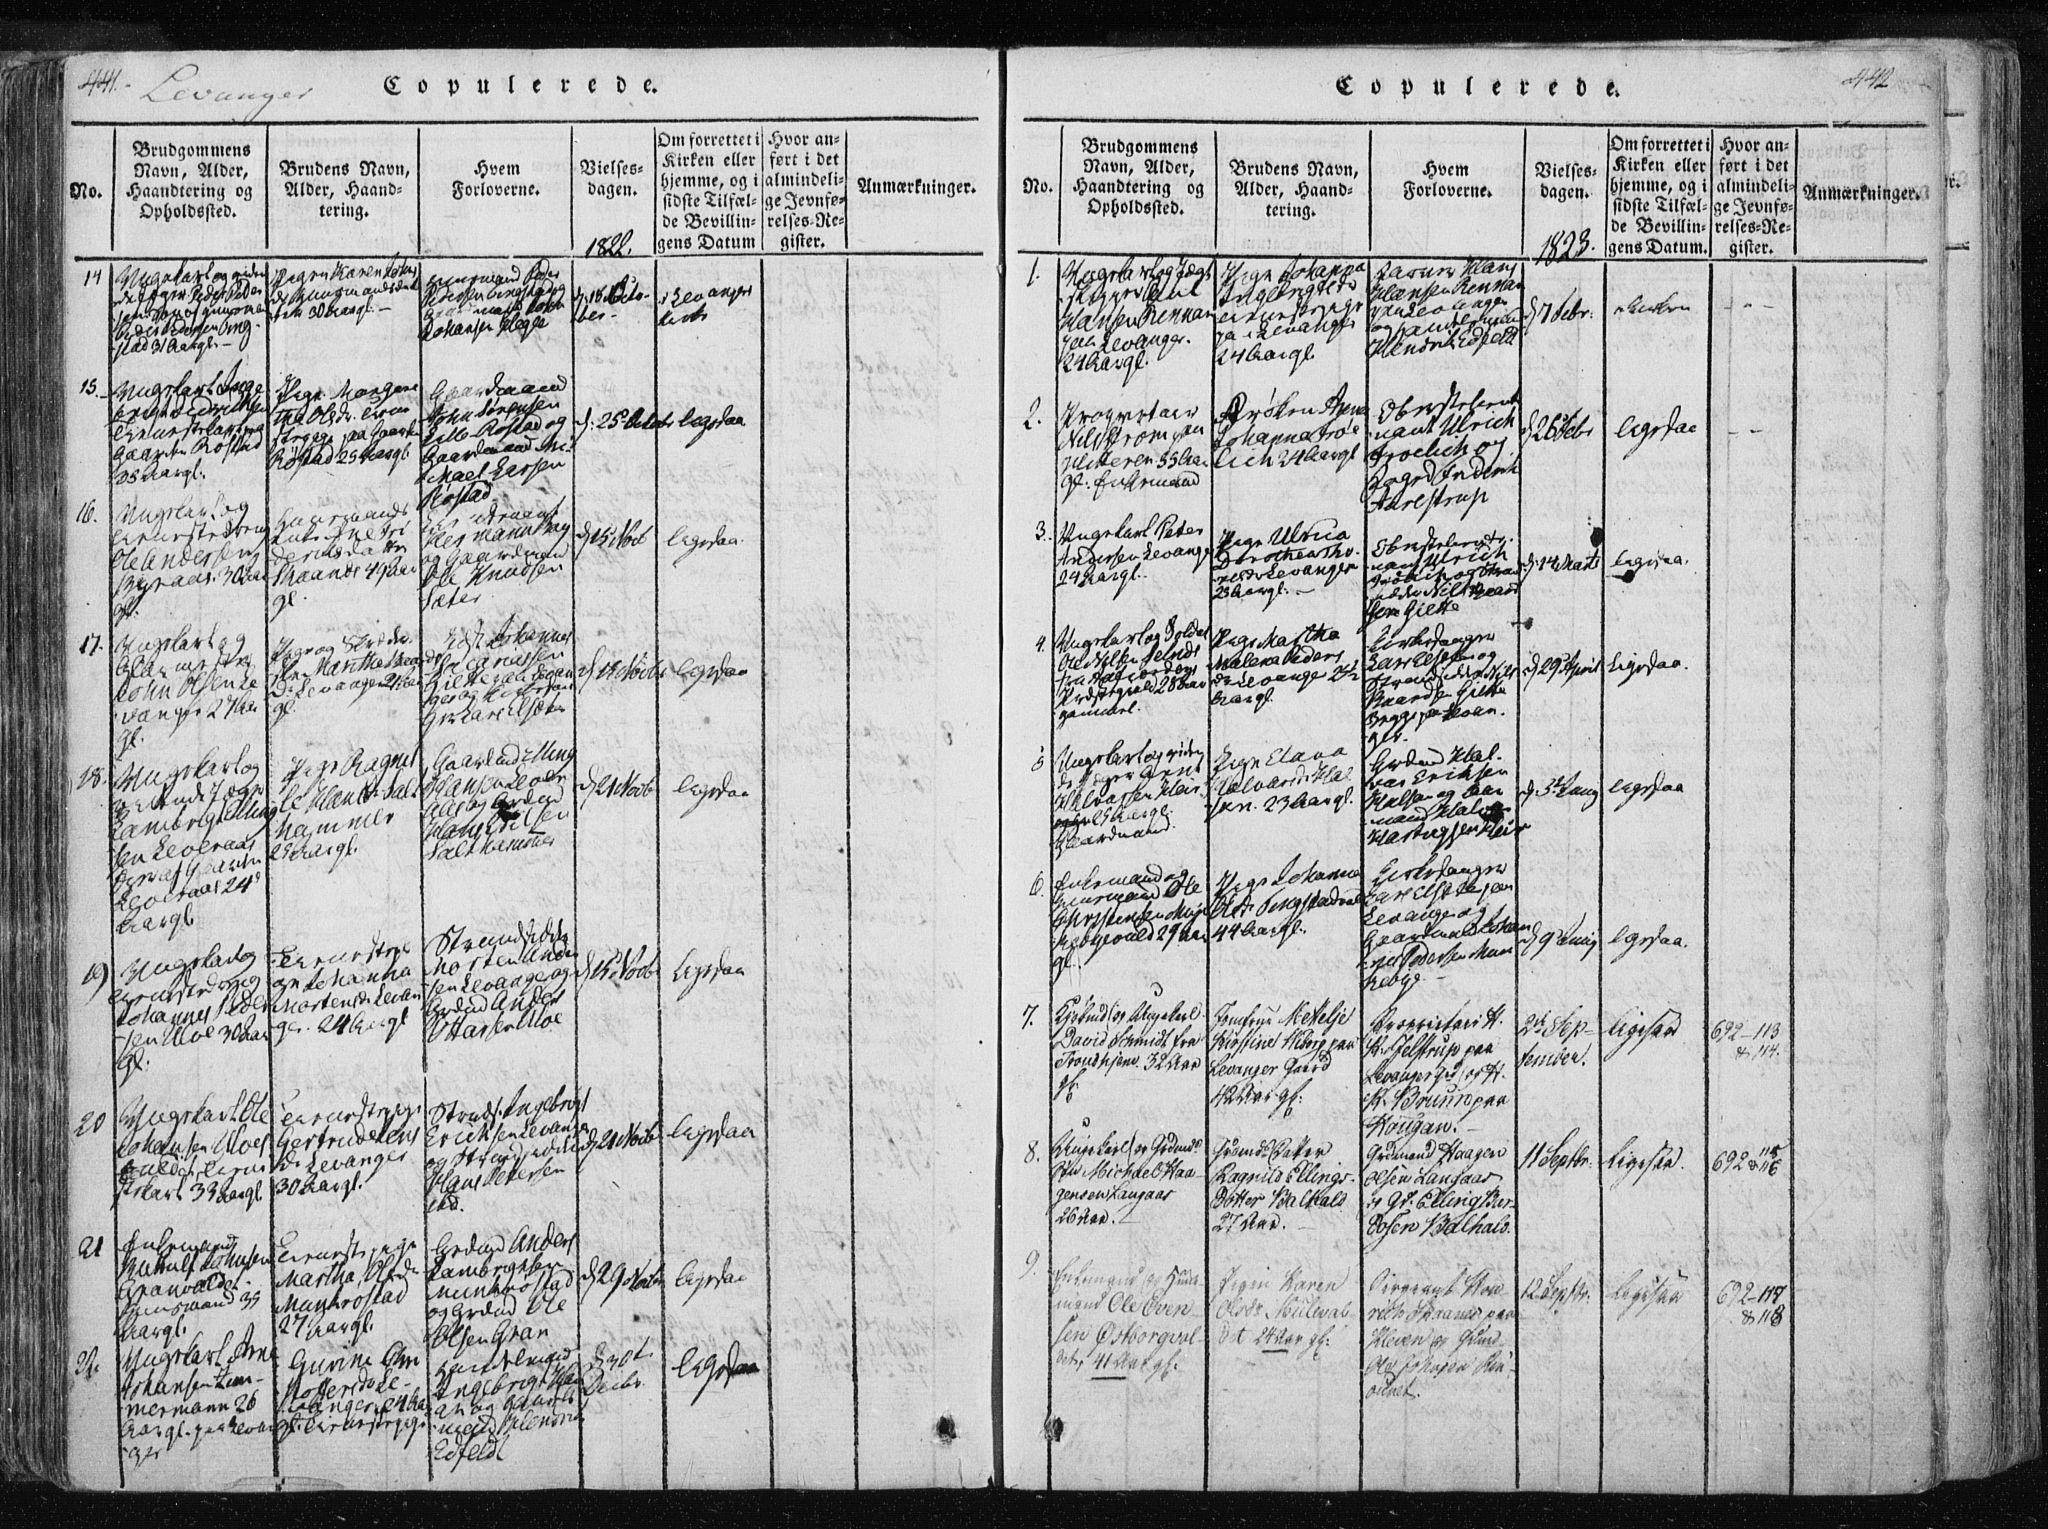 SAT, Ministerialprotokoller, klokkerbøker og fødselsregistre - Nord-Trøndelag, 717/L0148: Ministerialbok nr. 717A04 /2, 1816-1825, s. 441-442